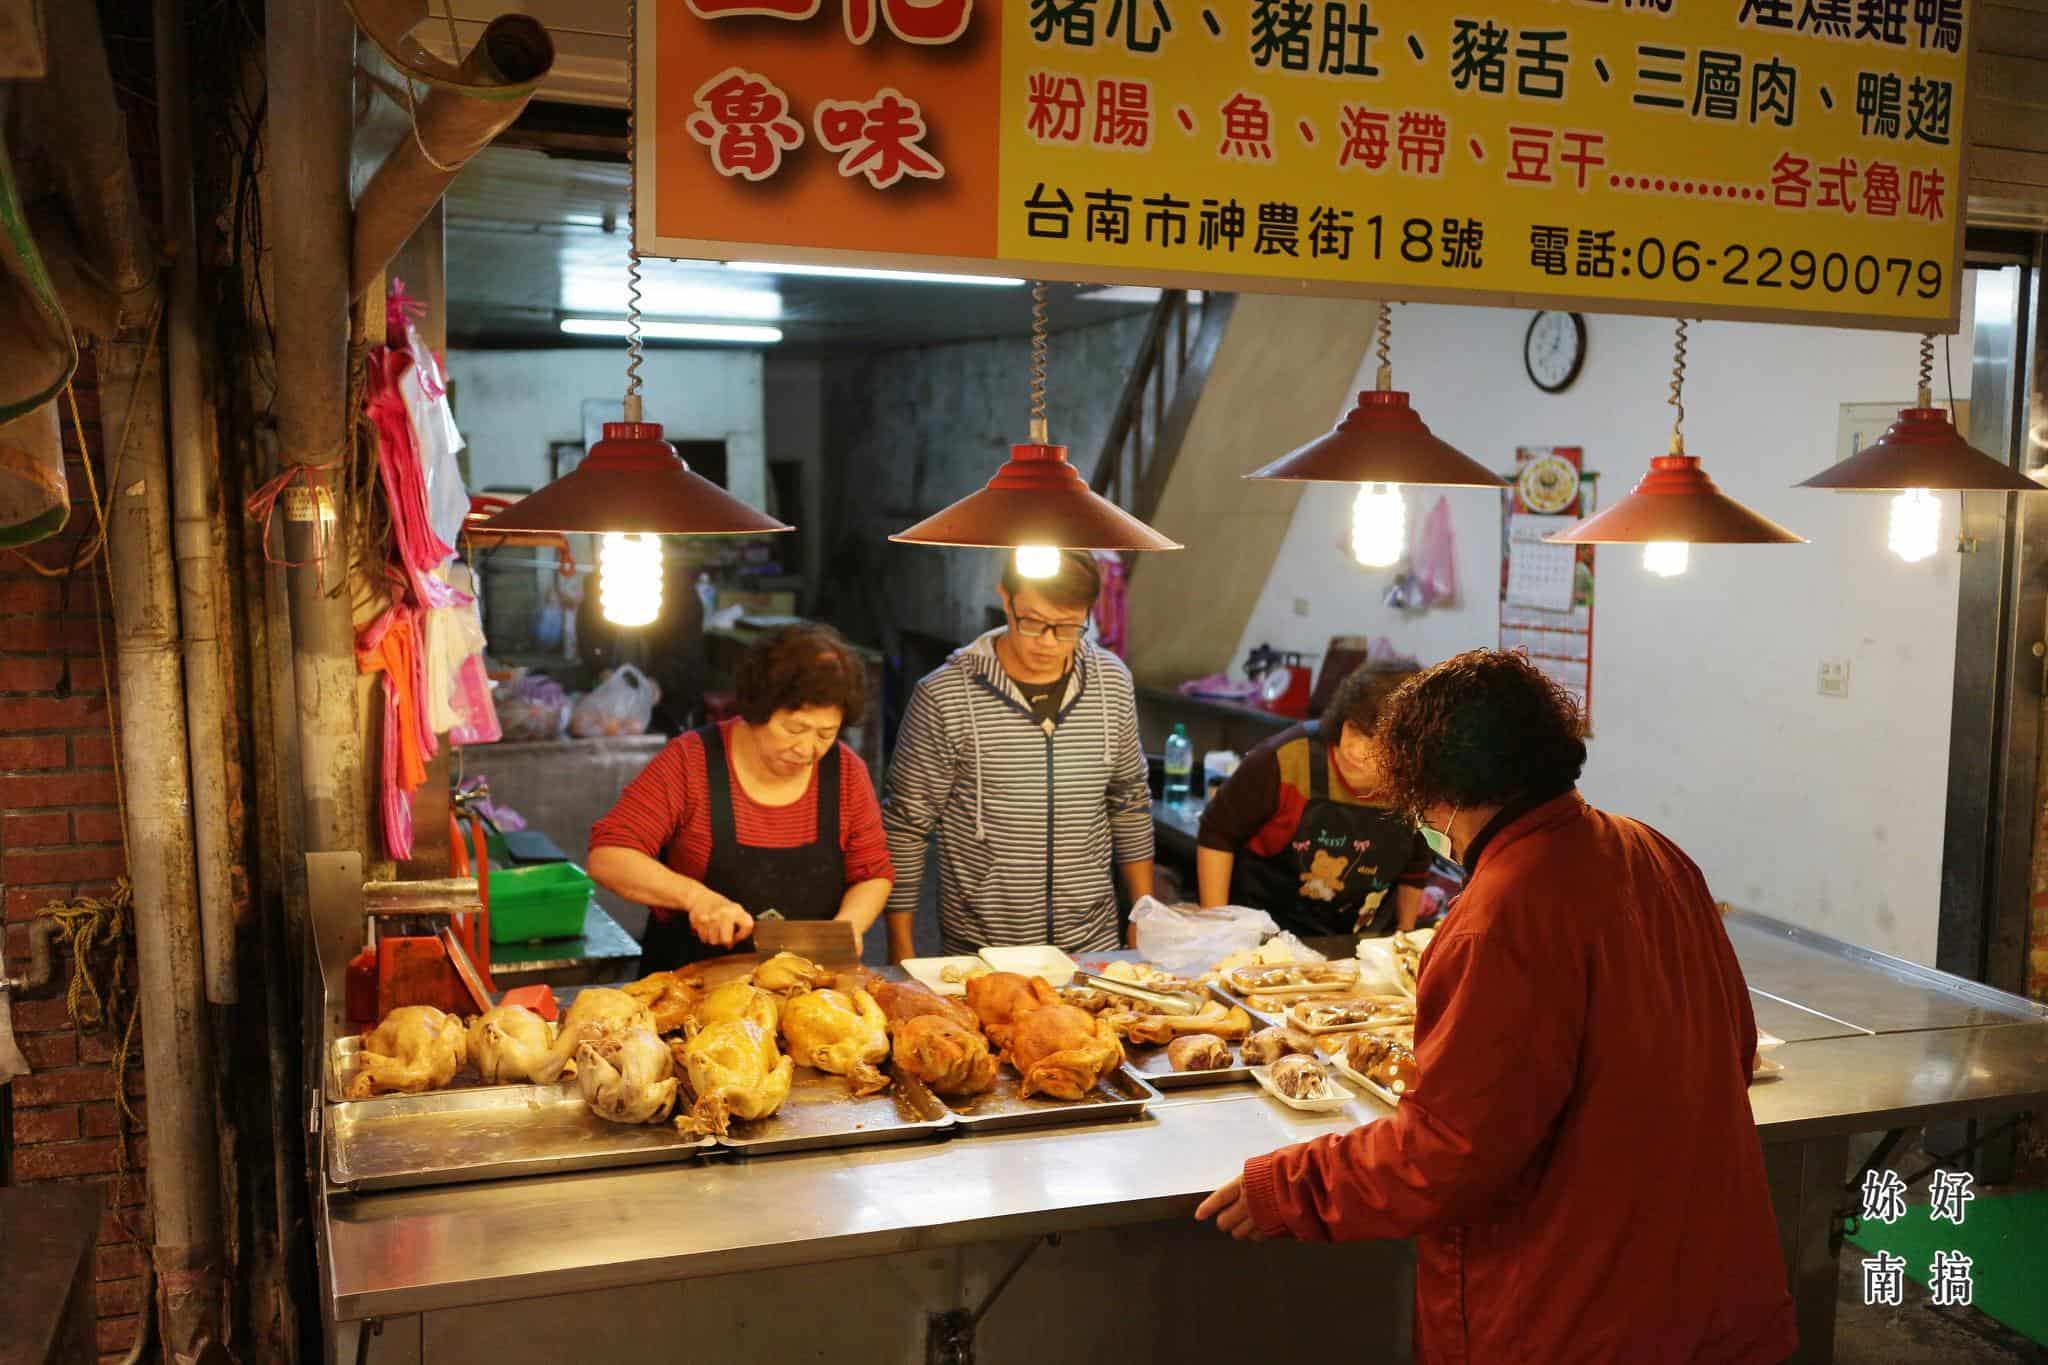 台南旅遊-主廚的菜籃子-26-妳好南搞